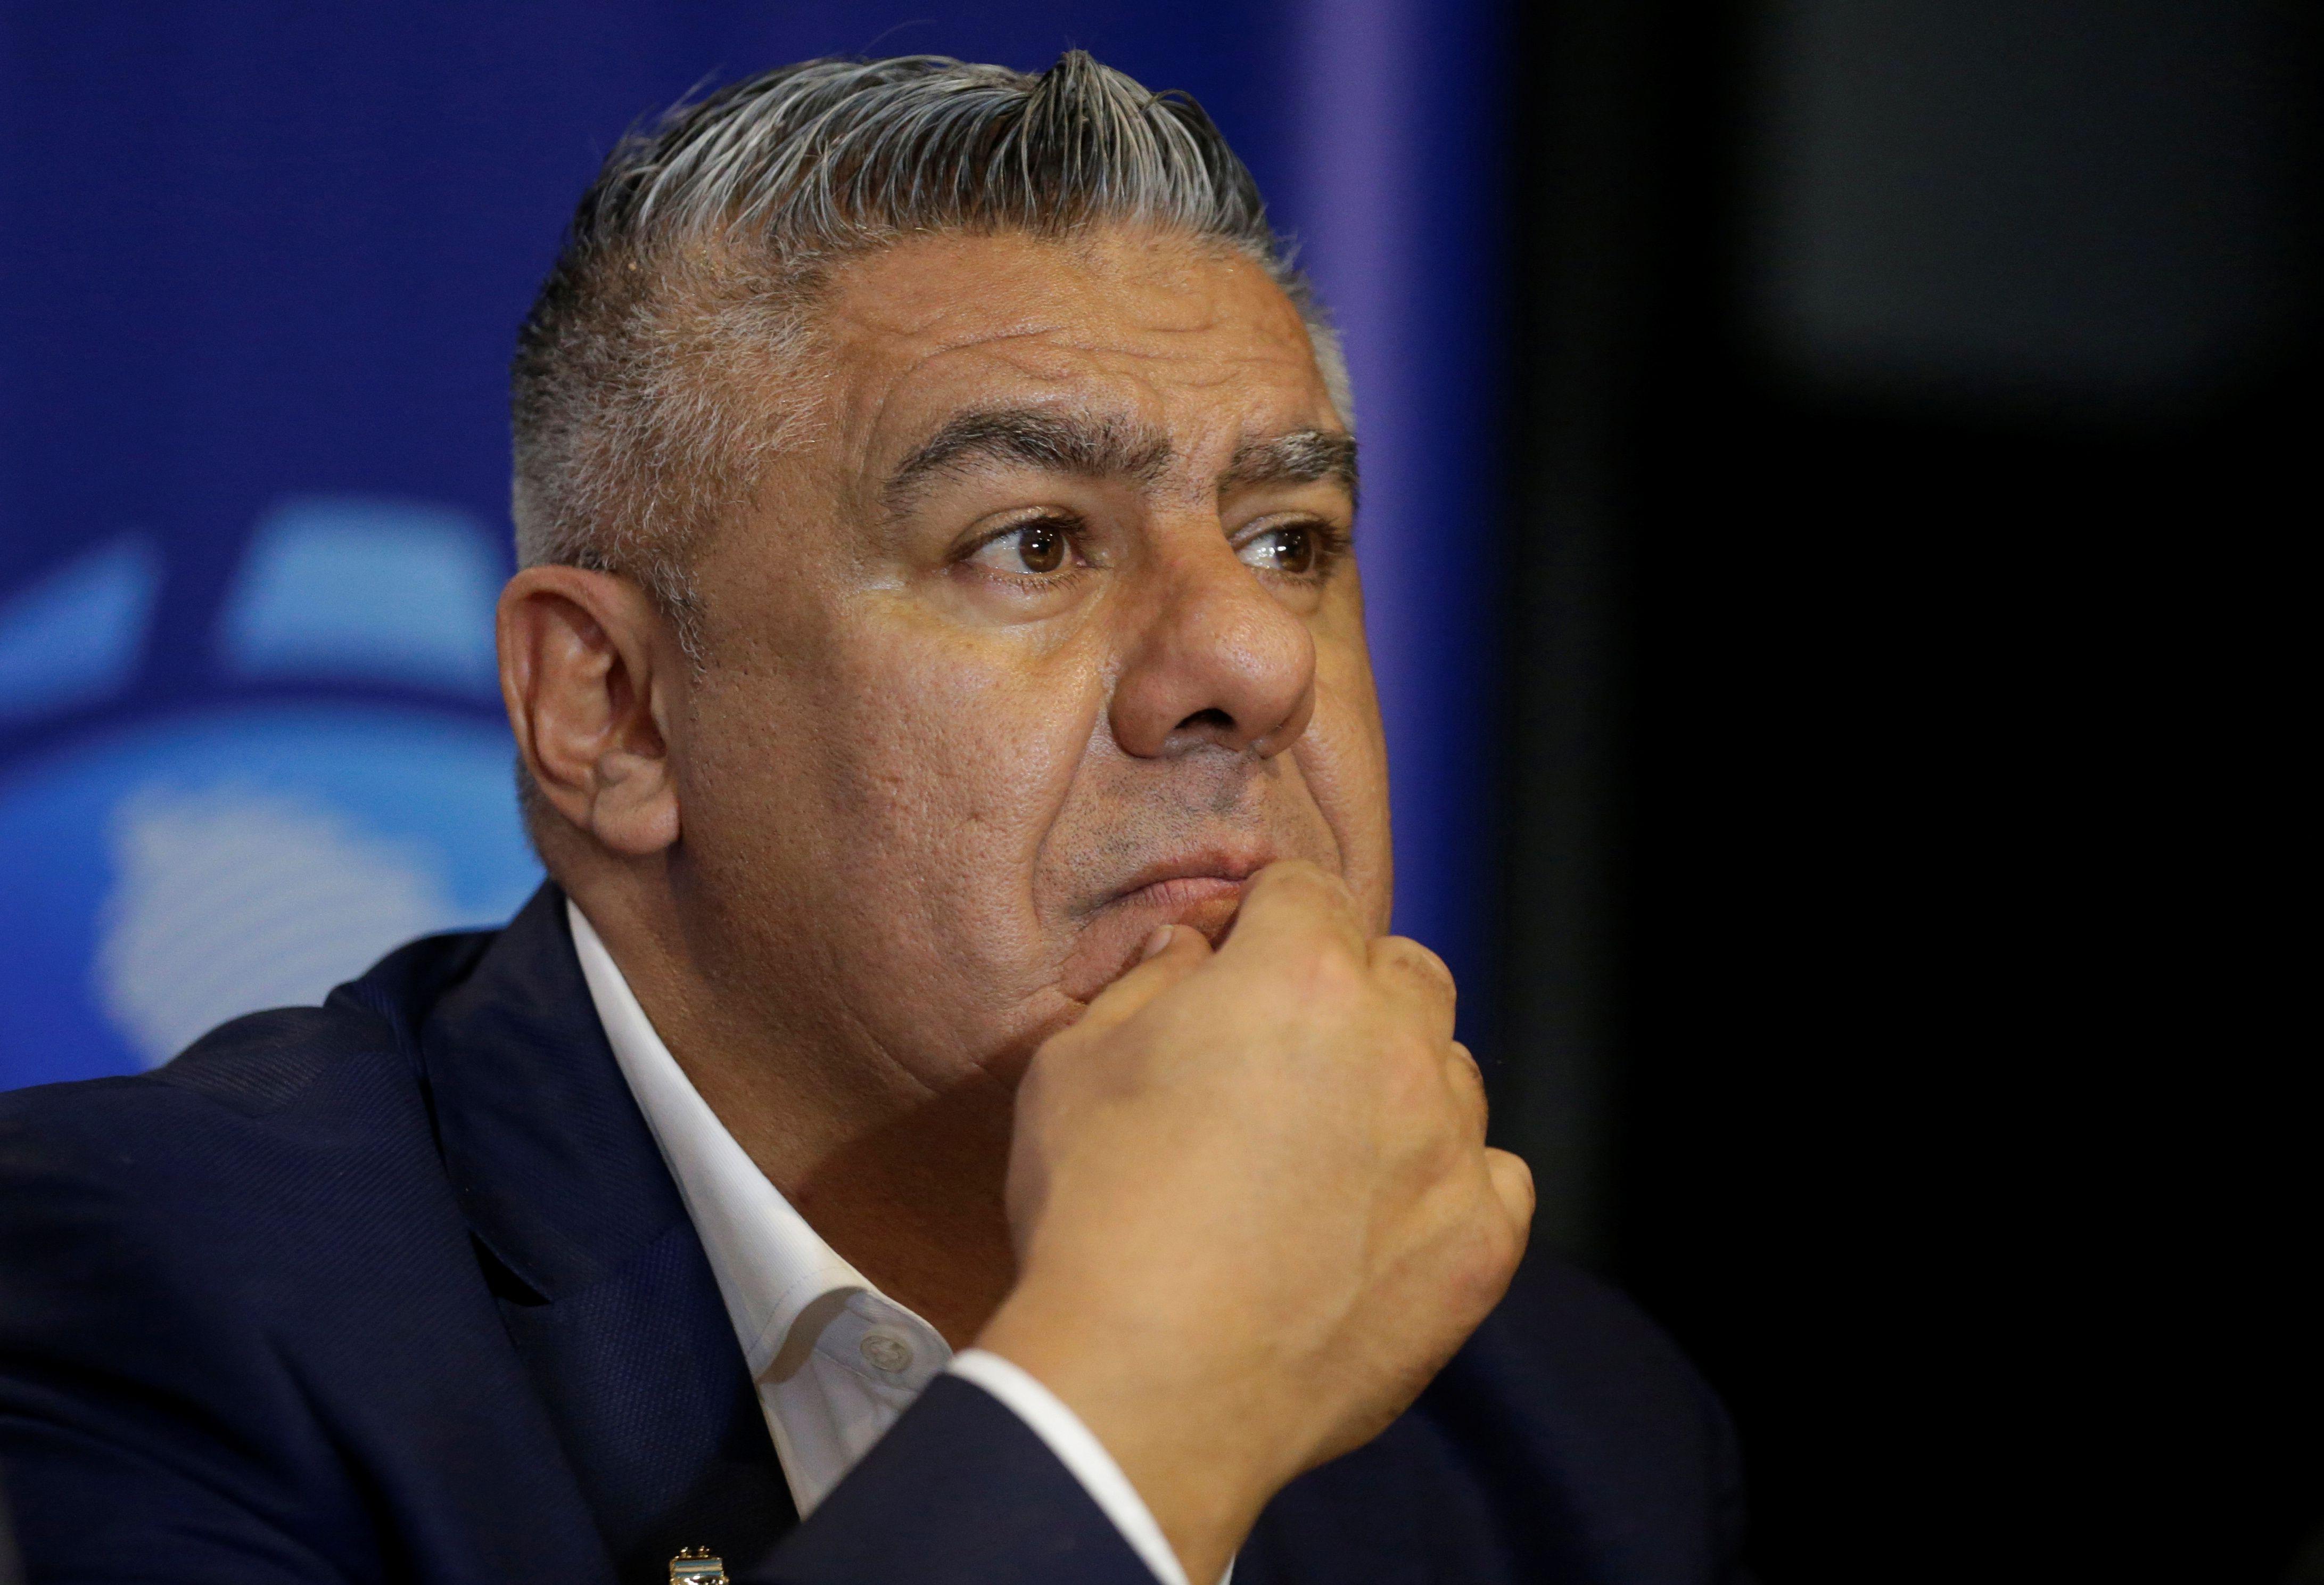 El presidente de la AFA manifestó su preocupación por el calendario de la Superliga Foto: REUTERS/Jorge Adorno